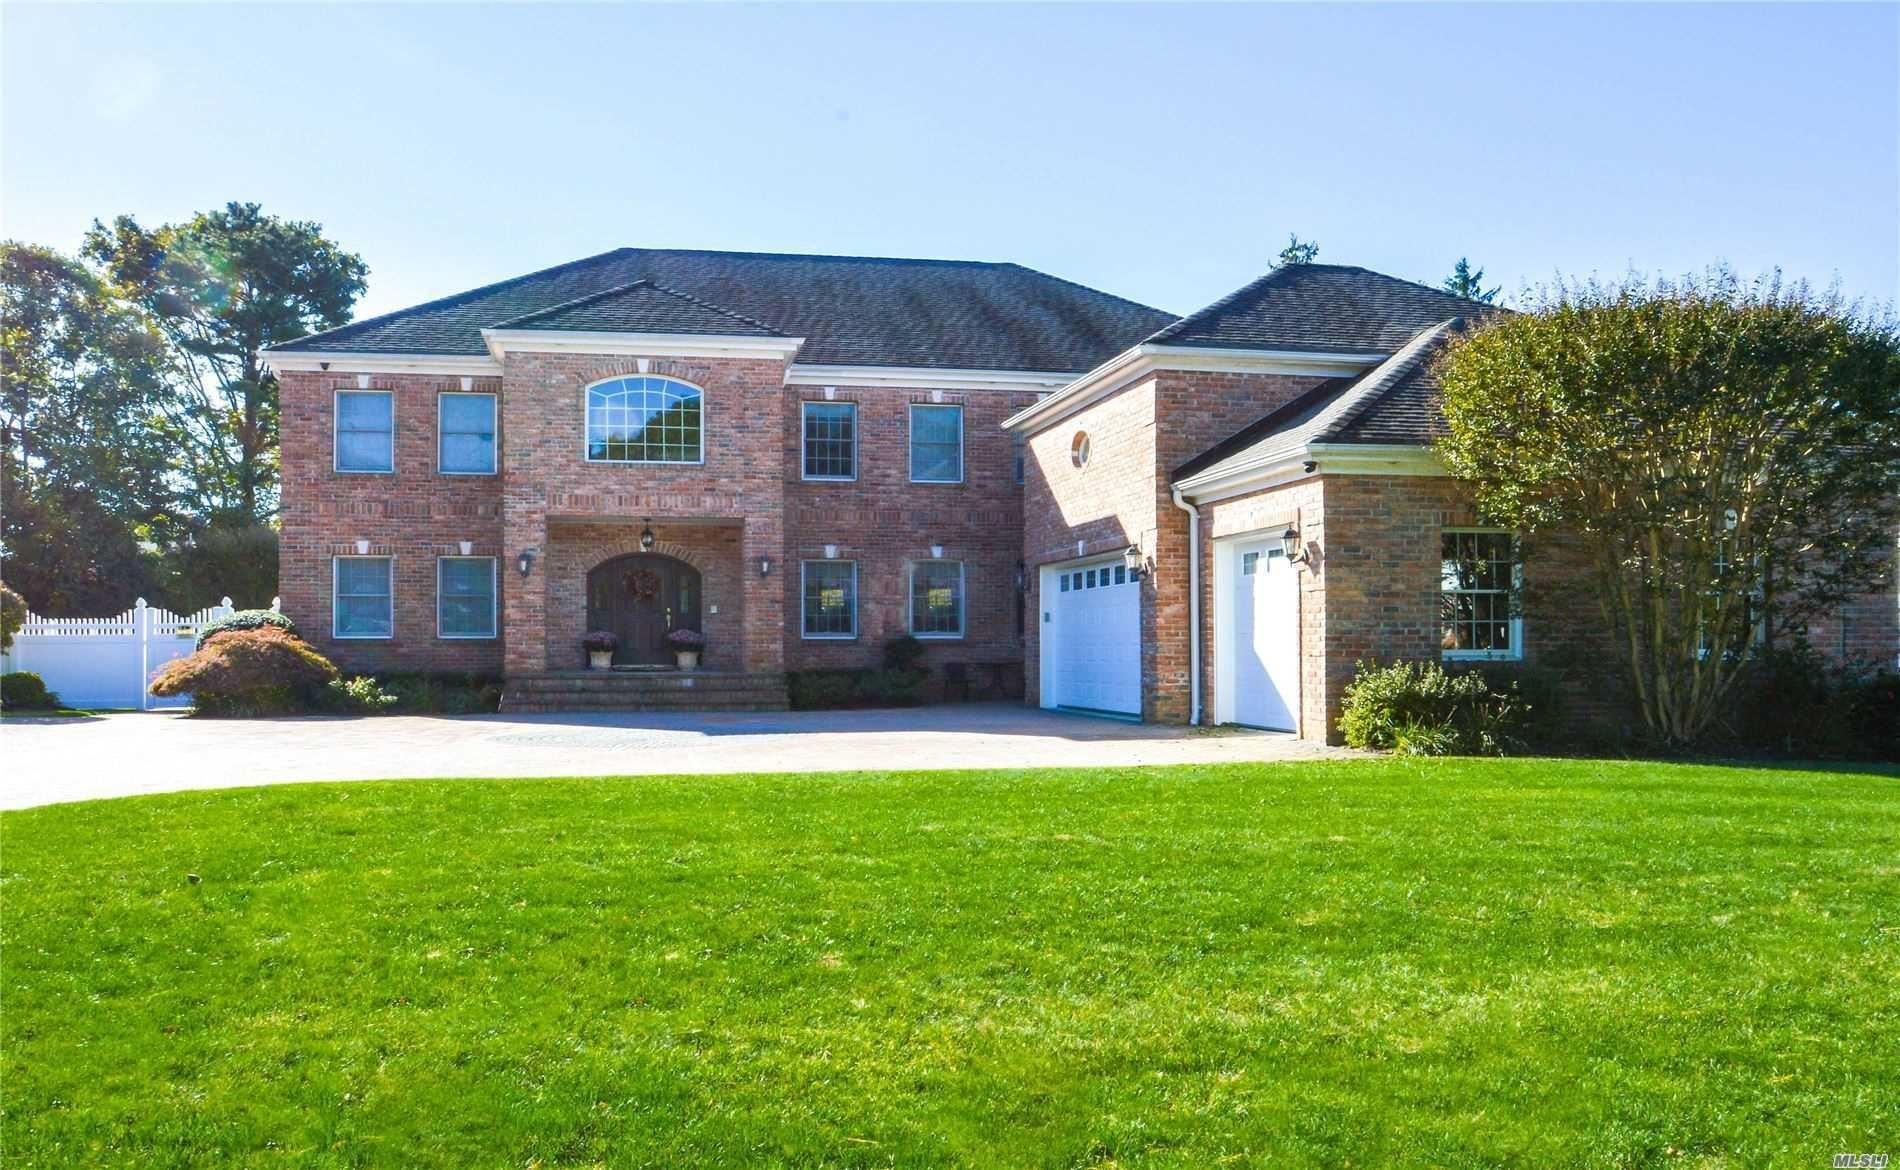 71 Dix Hwy, Dix Hills, NY 11746 - MLS#: 3233465